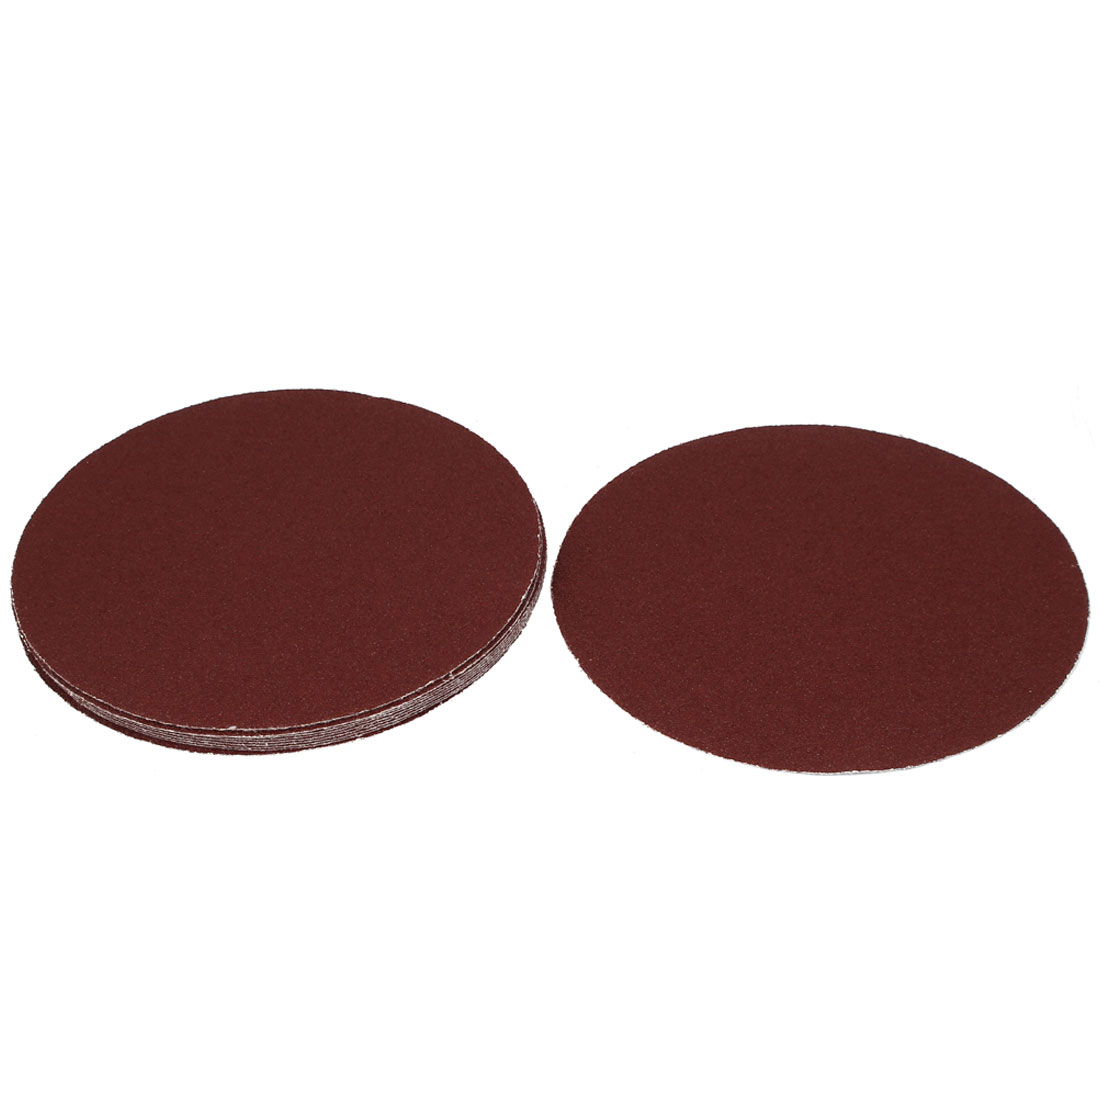 """8"""" Diamètre ronde polissage pon age abrasifs feuille papier verre grain 40 Disque 10 pc - image 3 de 3"""